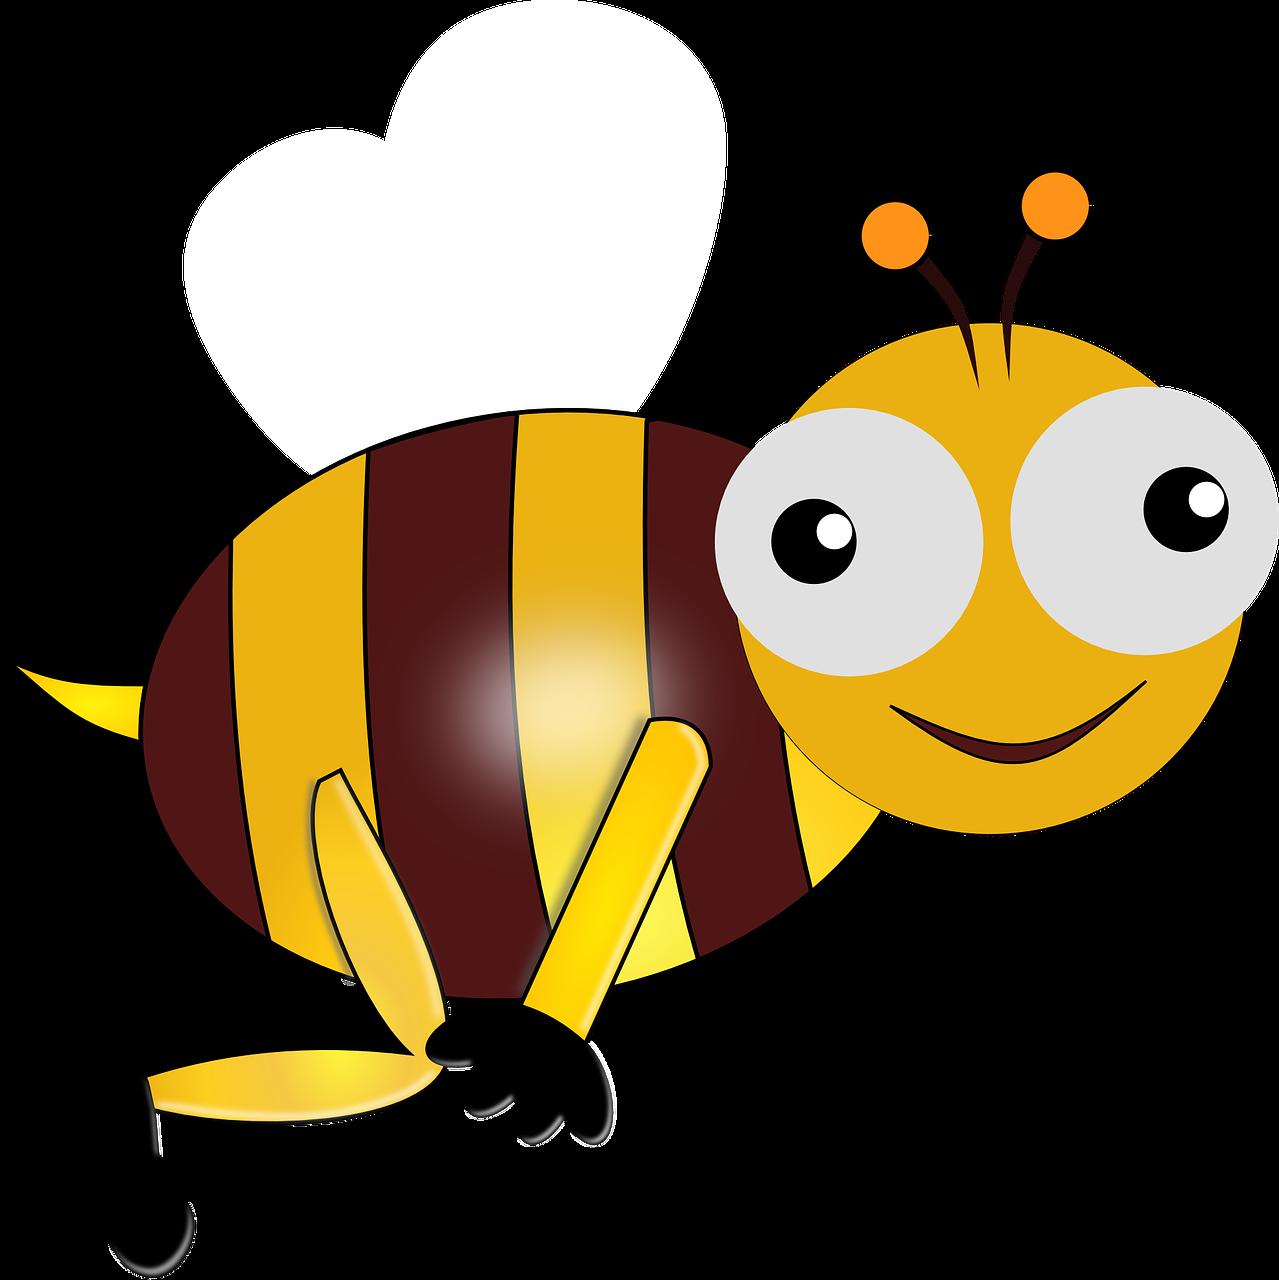 Clipart bee cartoon. Jokes clowns on rounds